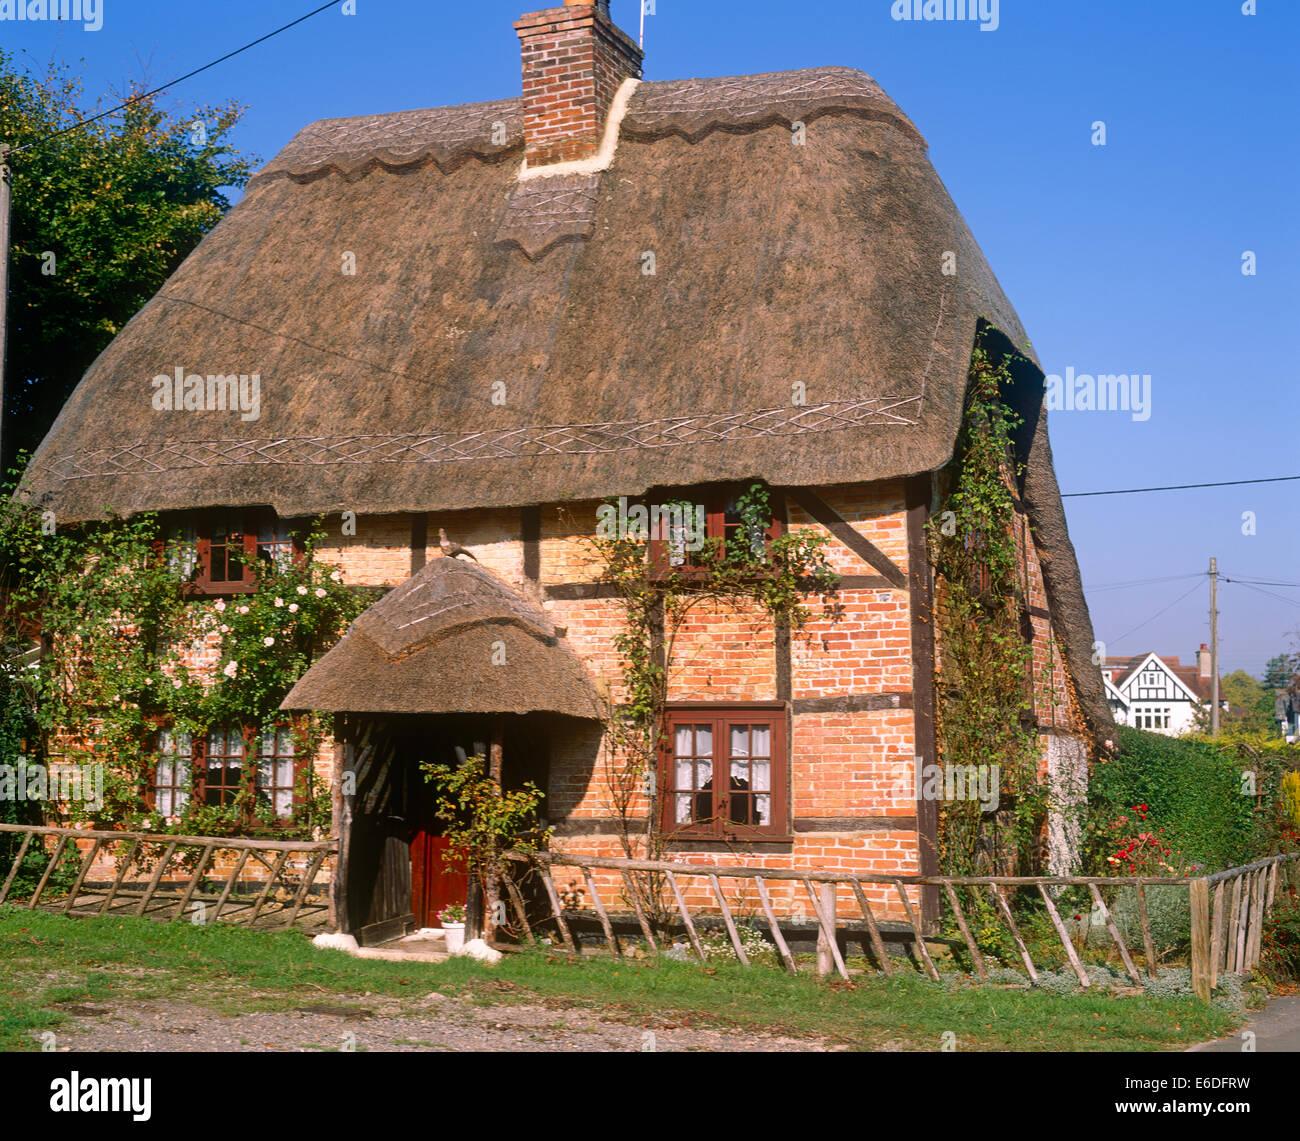 Cabaña con techo de paja Lyndhurst Hampshire UK Imagen De Stock